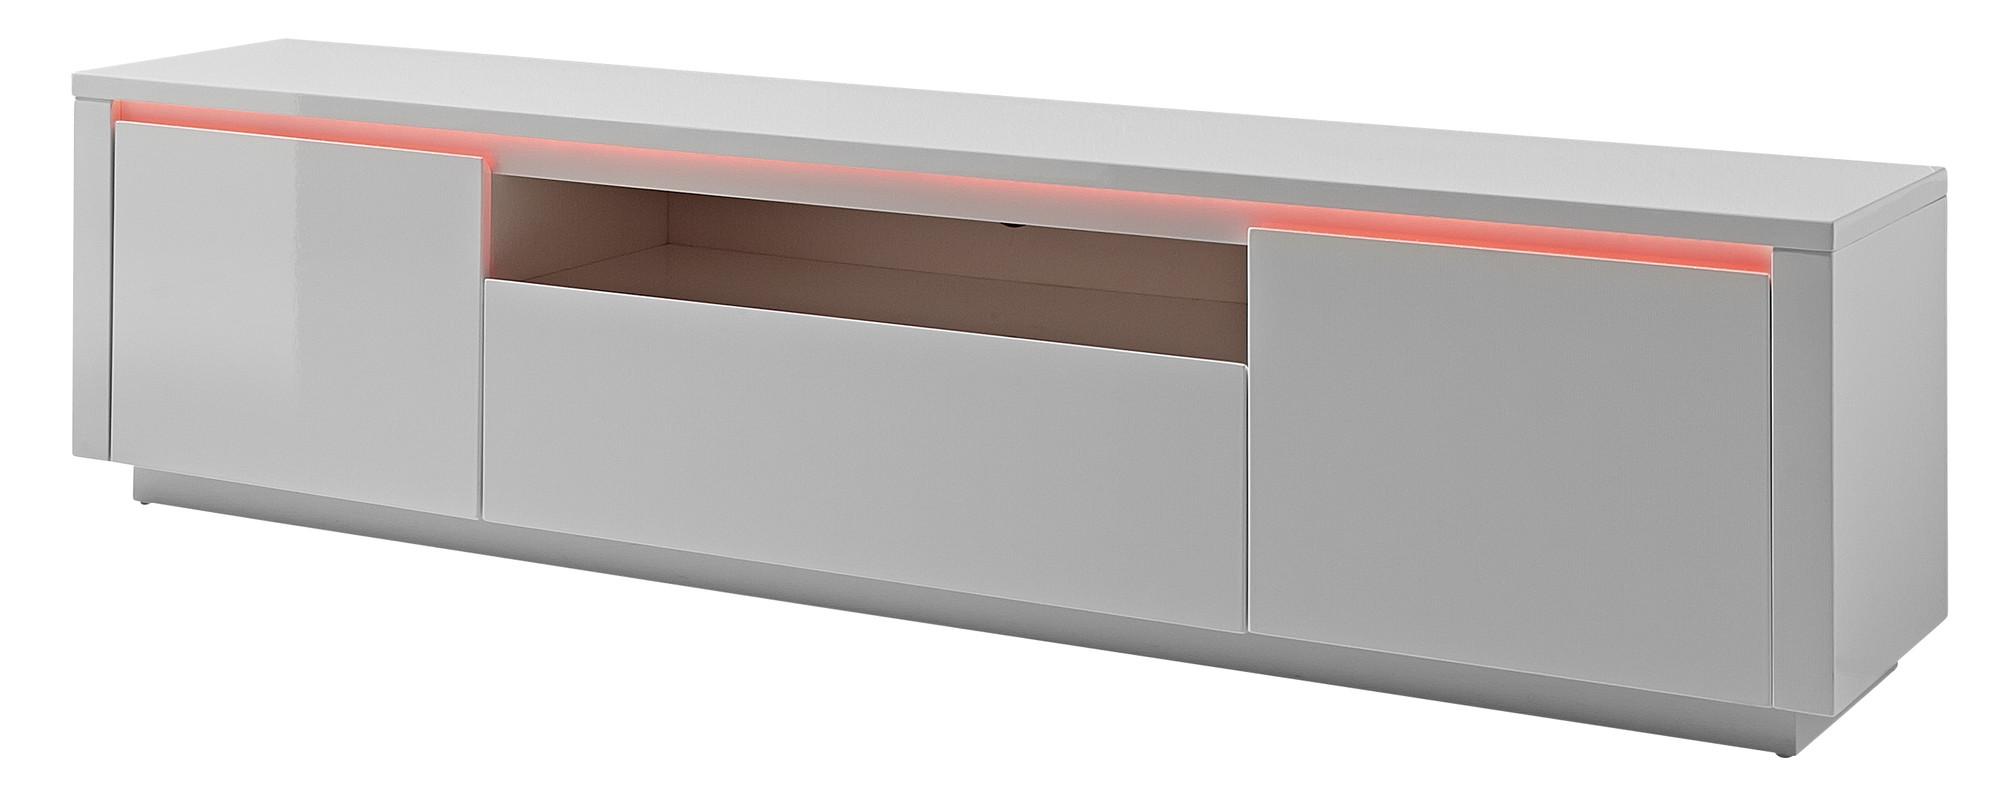 #8F453C23659340 24Designs TV Meubel Chicago LED L180 X B40 X H45 Cm Hoogglans Wit Meest effectief Design Meubels Met Korting 2355 behang 281611292355 afbeeldingen